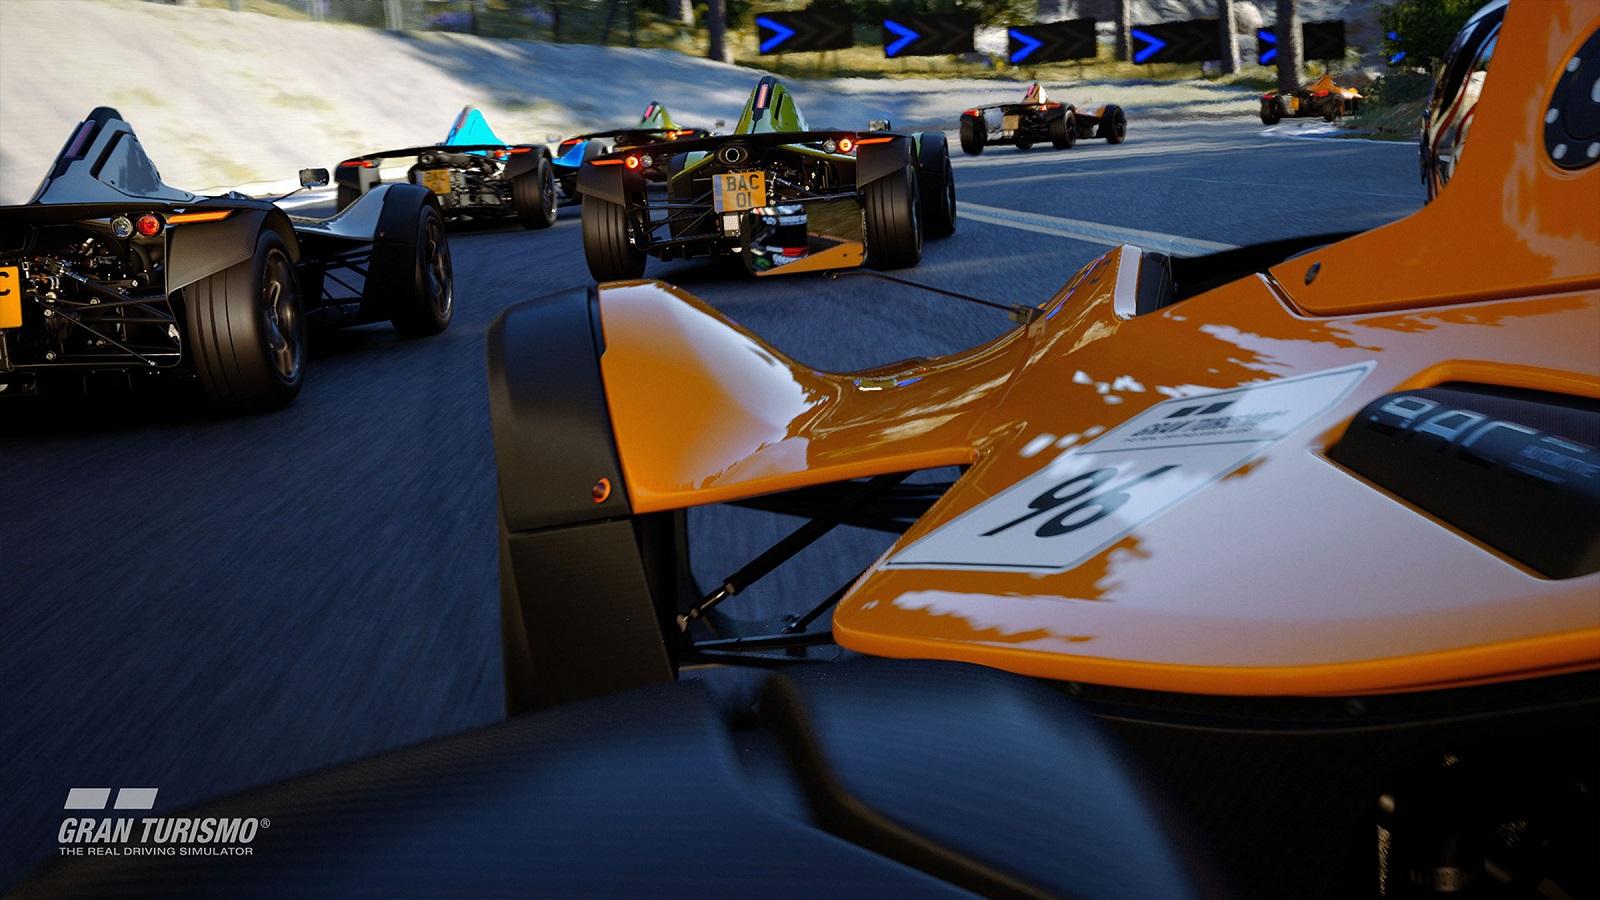 Сногсшибательная графика», 4K и 60 кадров/с: новые детали Gran Turismo 7 с  официального сайта PlayStation